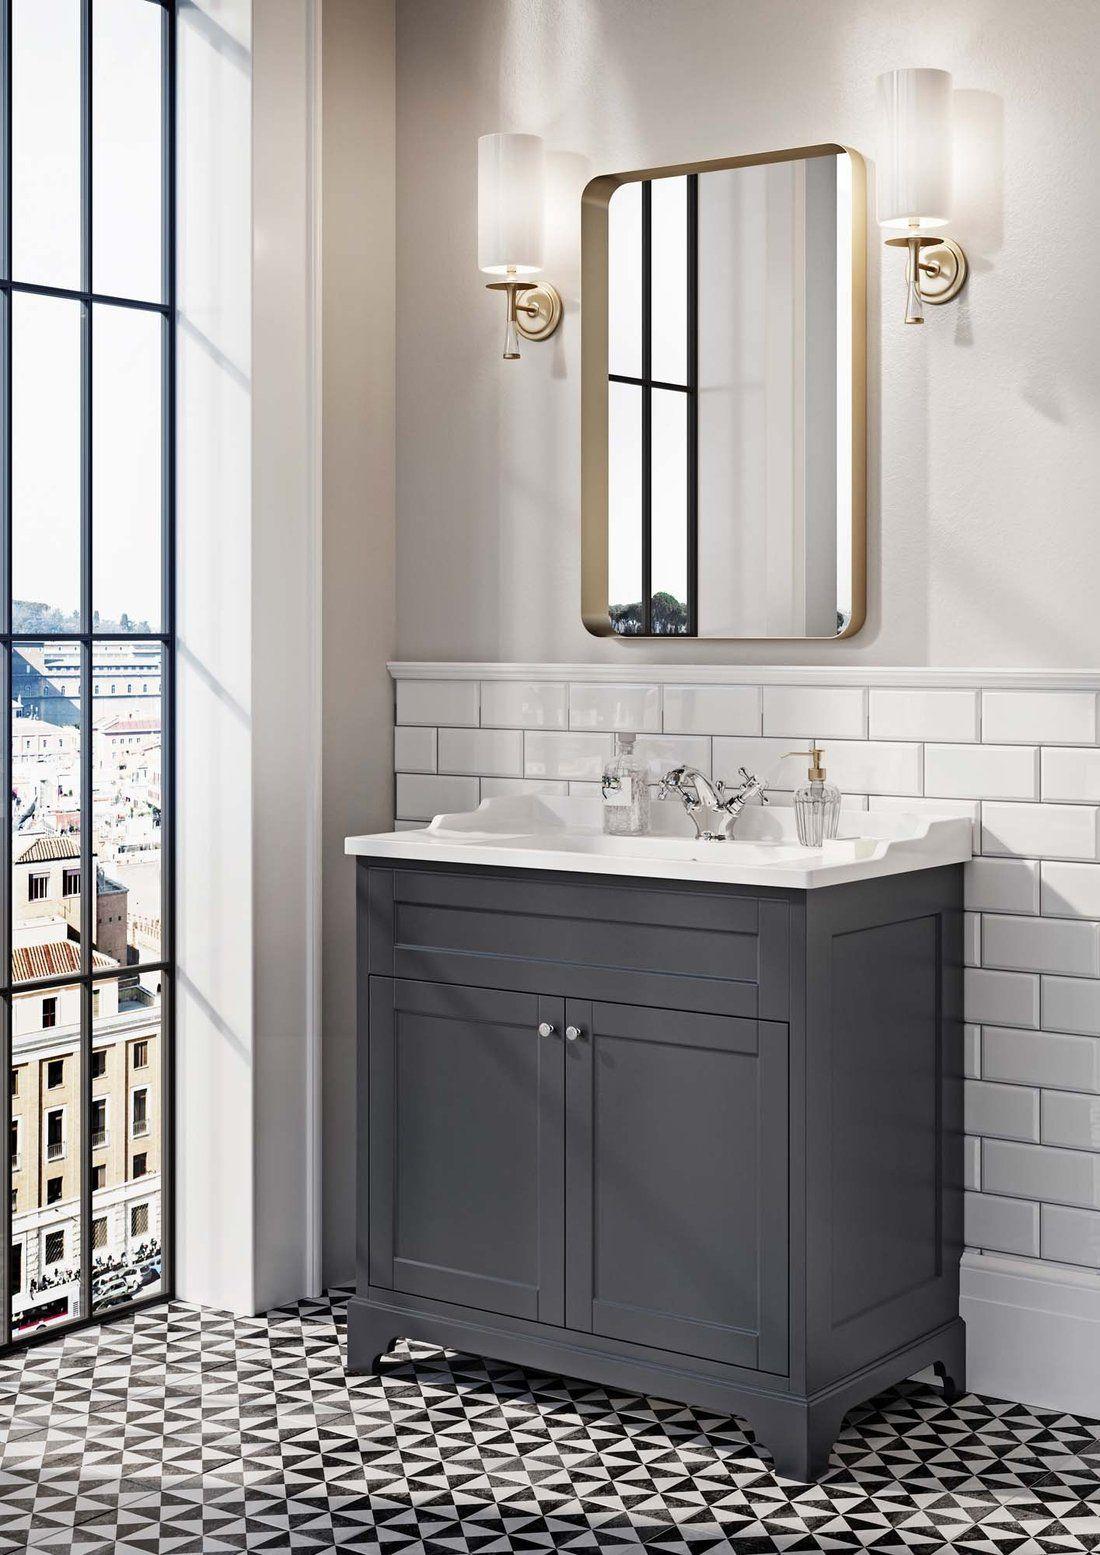 Deluxe Ascot Floorstanding Vanity Unit – Deluxe Bathrooms And Tiling Solutions